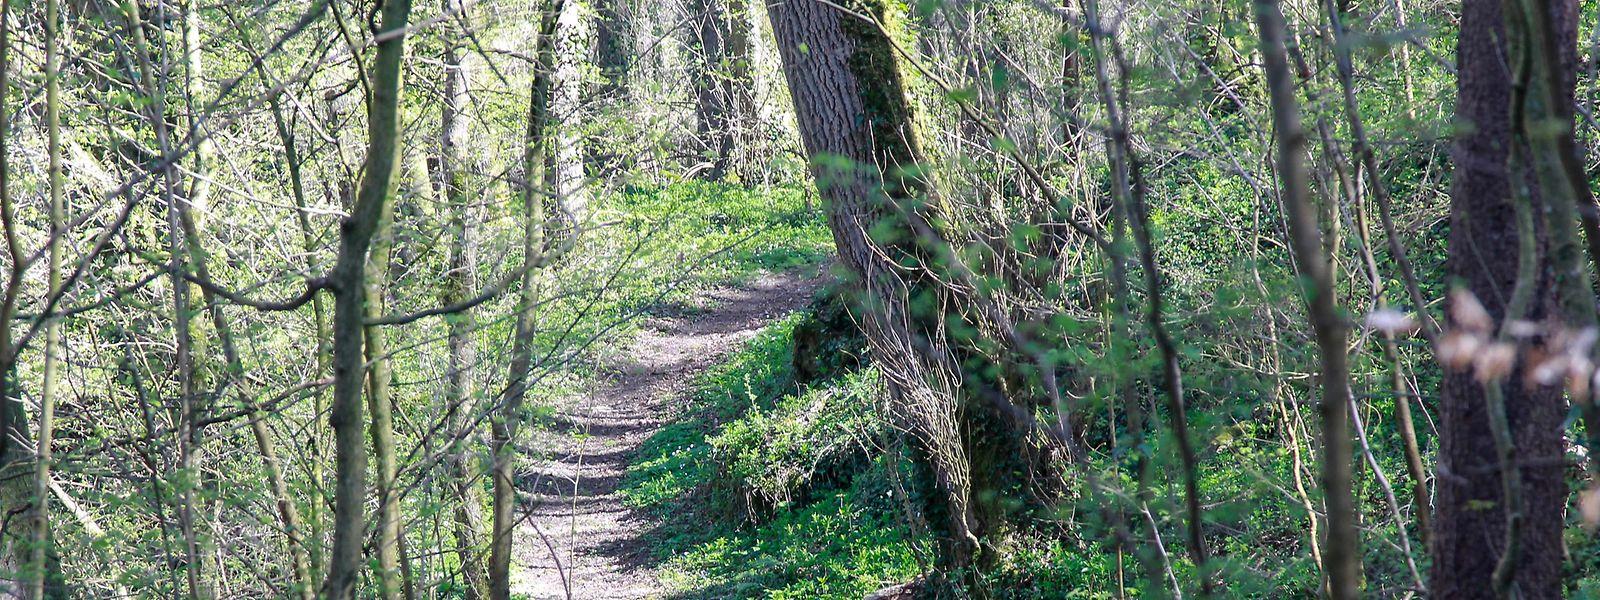 Der Wald ist Erholungsgebiet und Lebensraum zugleich.